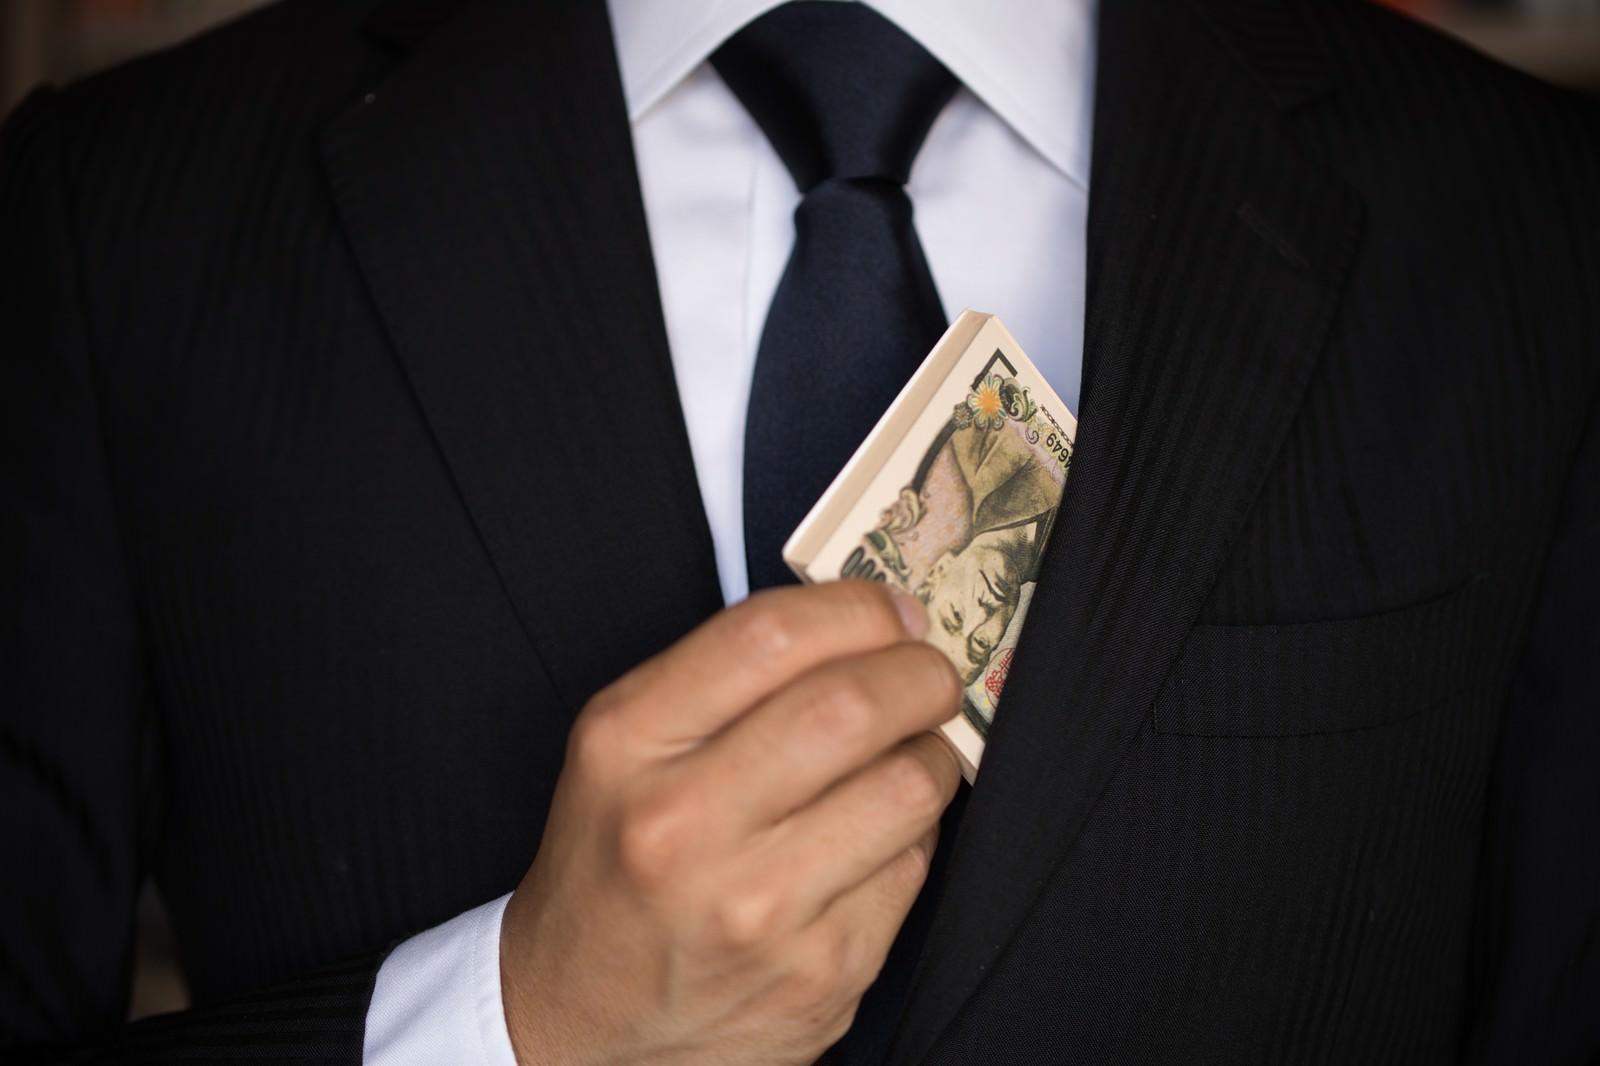 「キャッシュ(偽札)をチラつかせるビジネスマンキャッシュ(偽札)をチラつかせるビジネスマン」のフリー写真素材を拡大